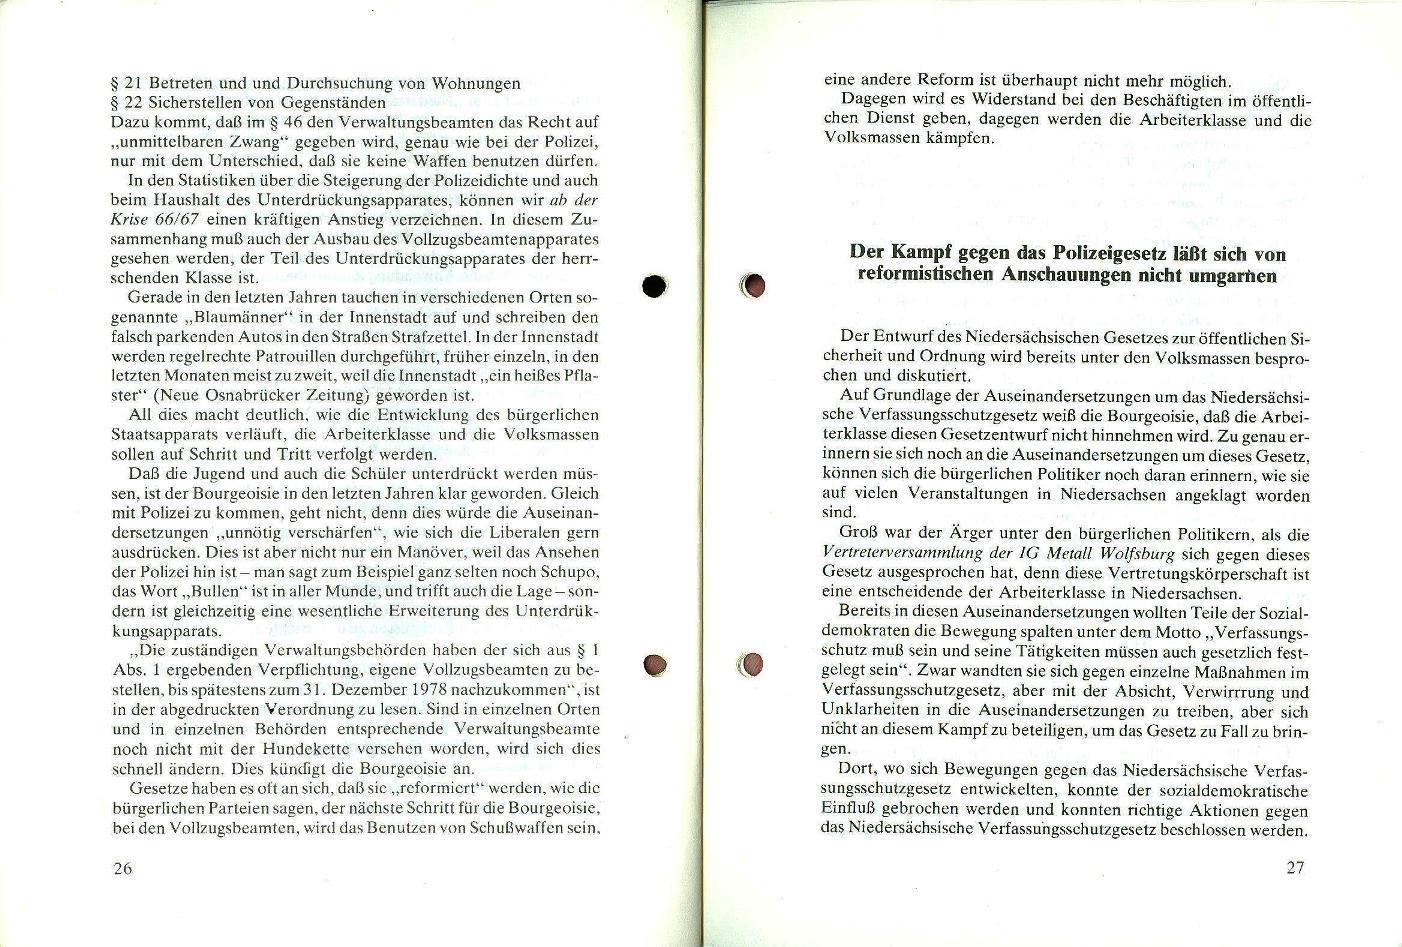 Niedersachsen_Polizeigesetz014